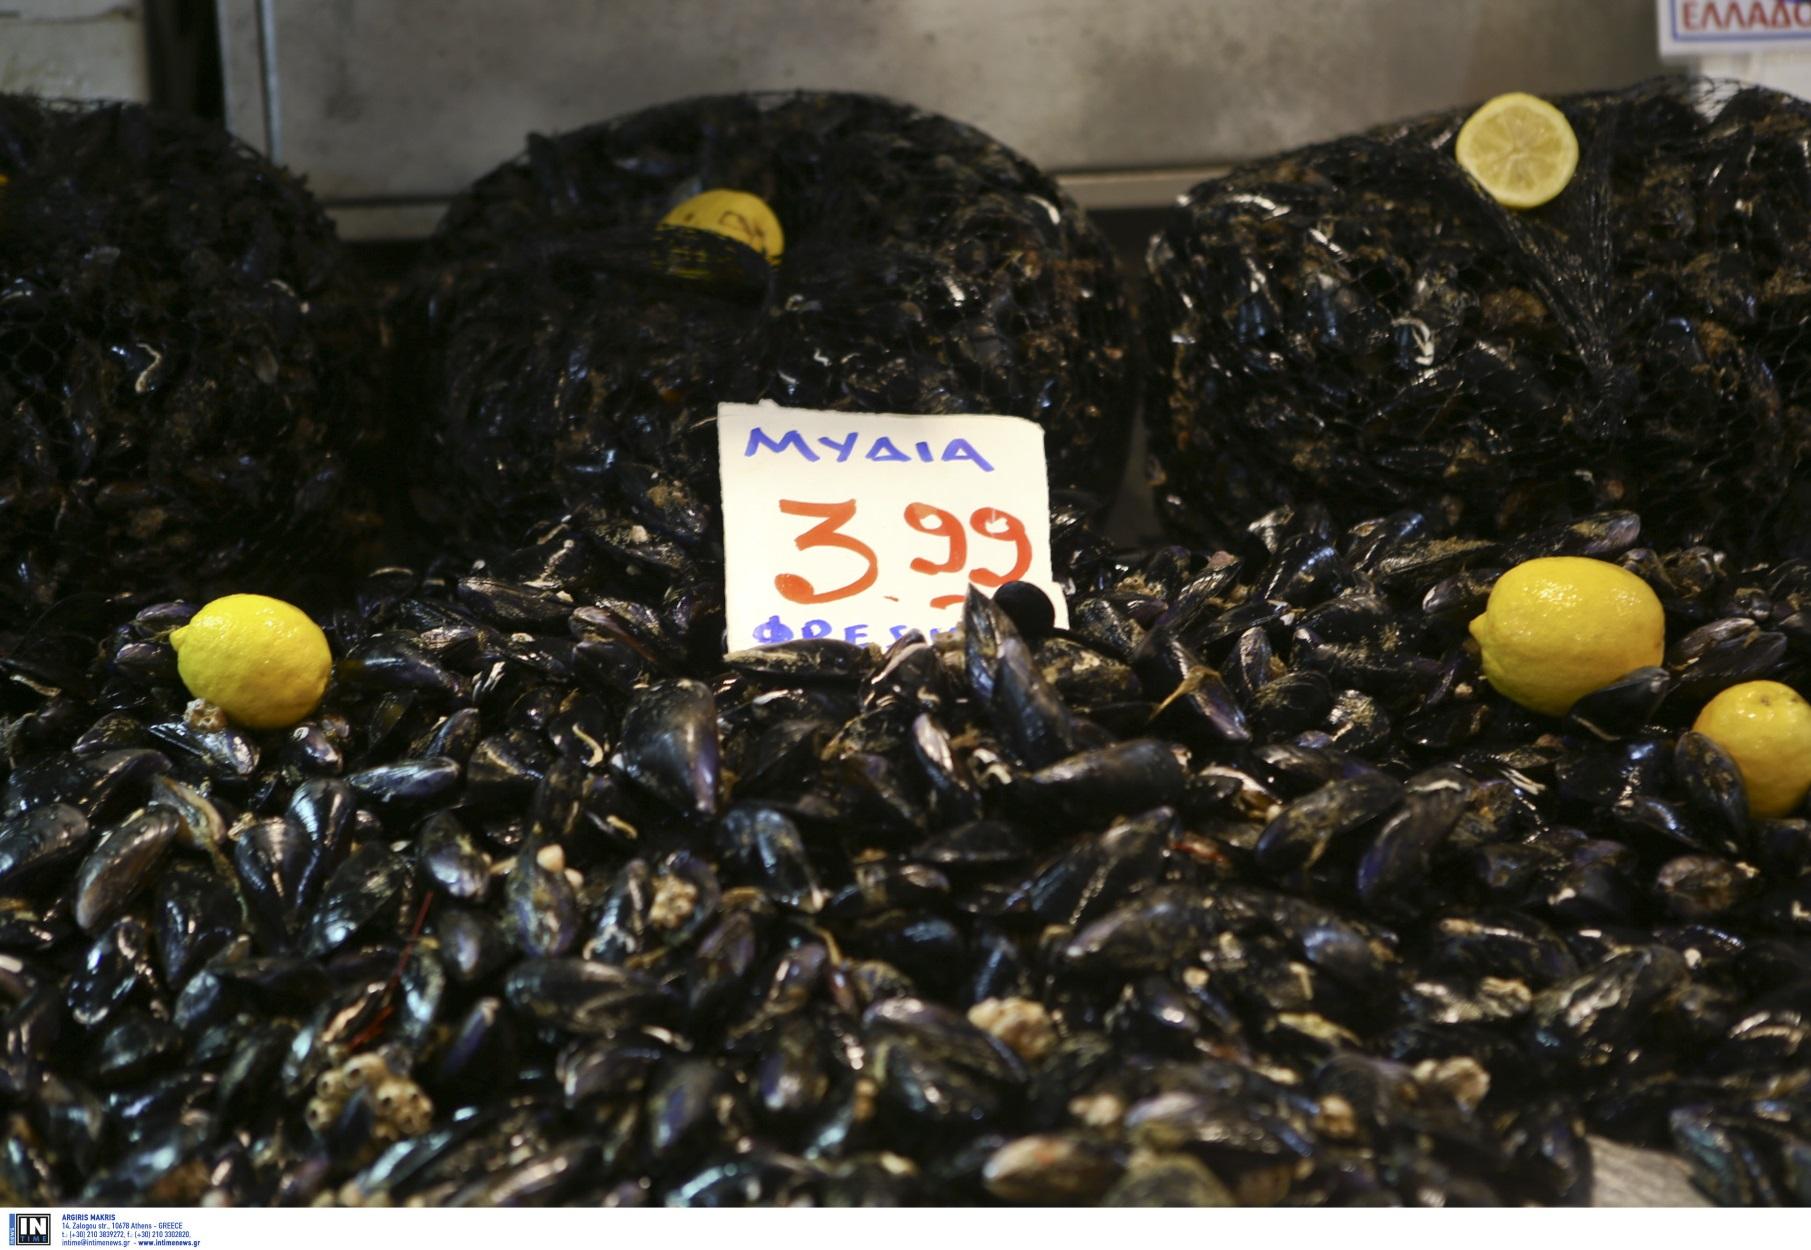 Θερμαϊκός: Στο βυθό αντί για το πιάτο Ευρωπαίων καταναλωτών… εκατομμύρια μύδια